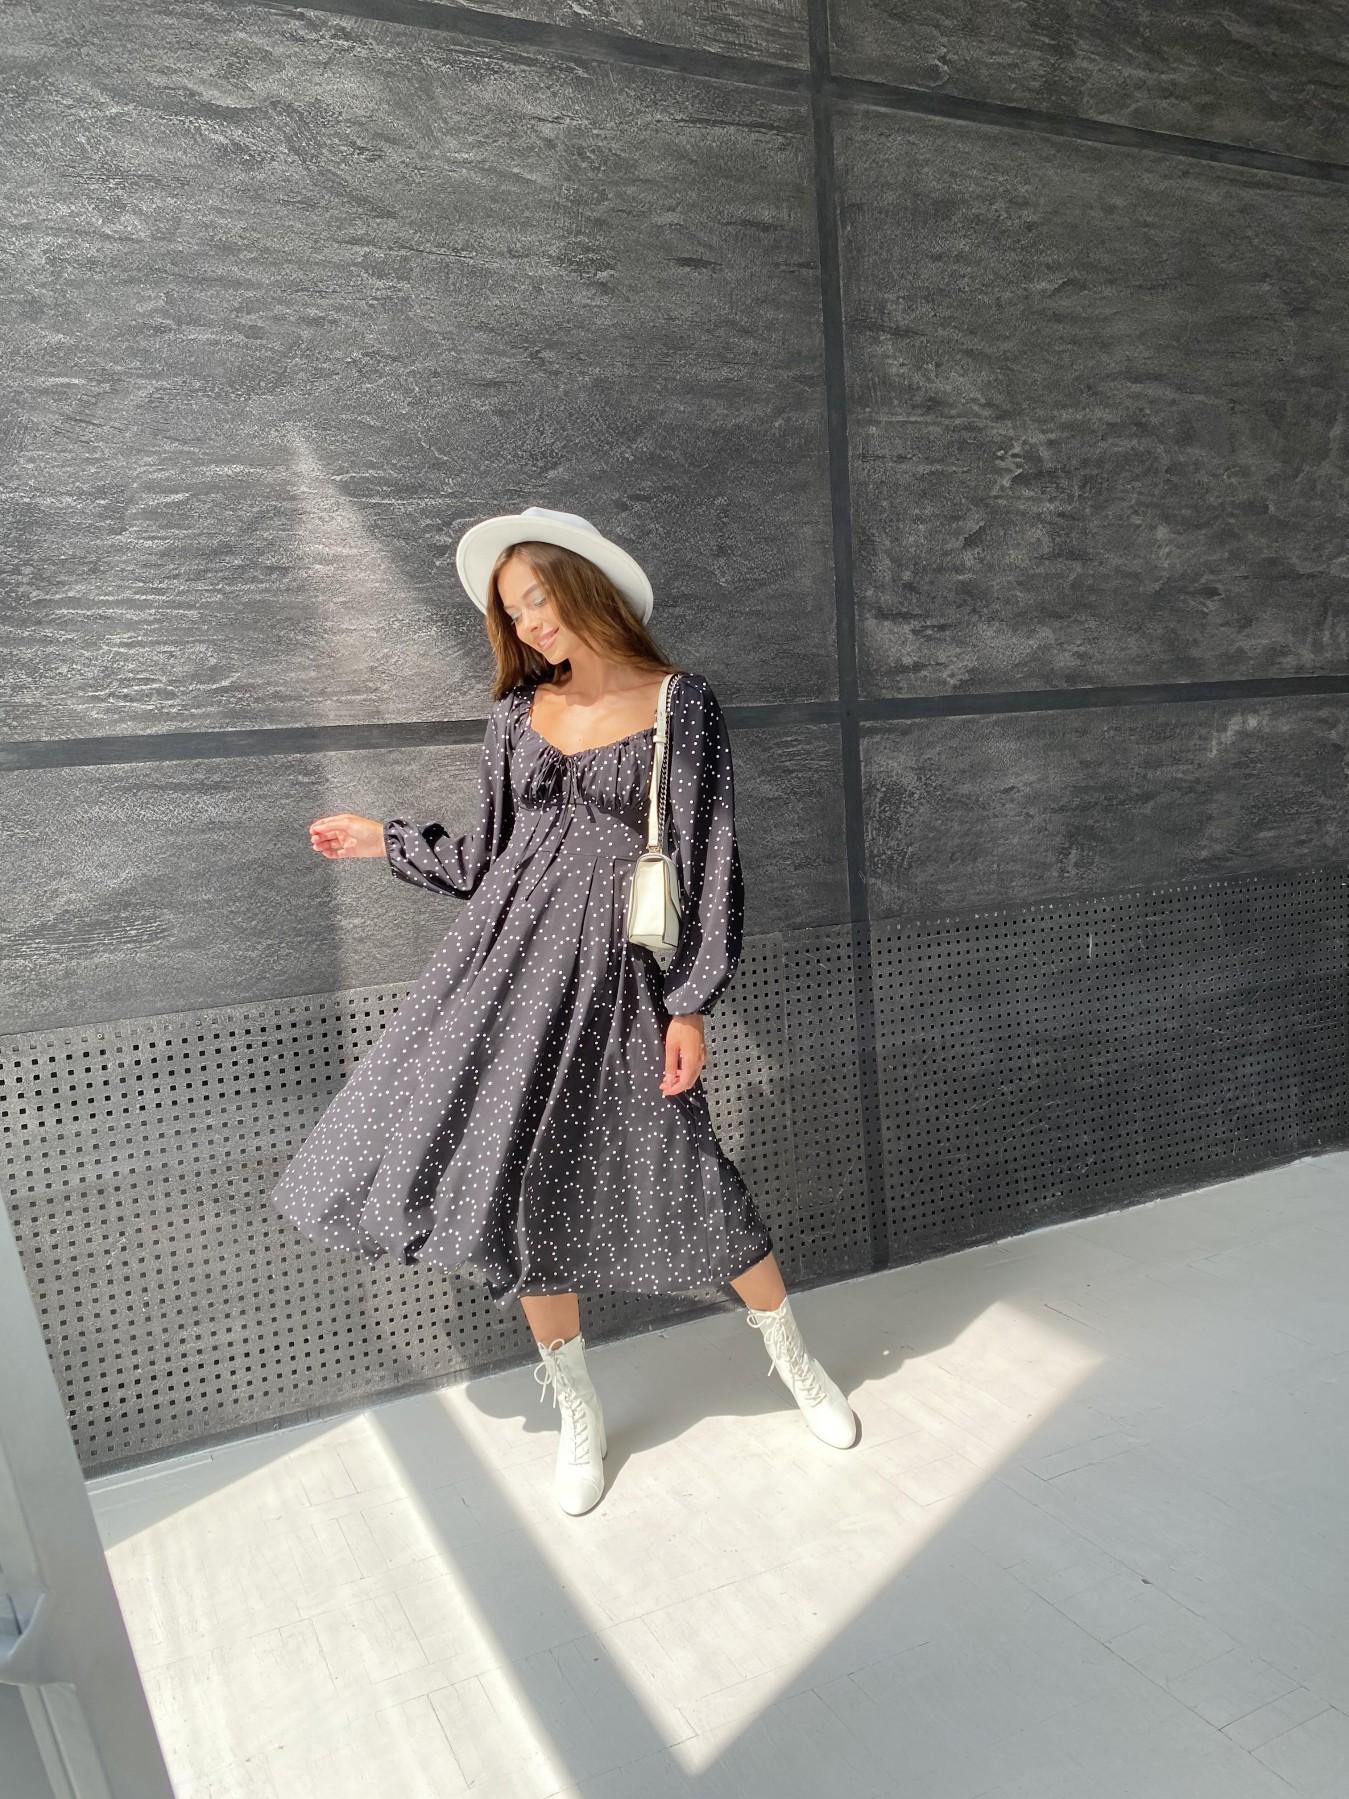 Кисес миди д/р софт принт стрейч платье 11732 АРТ. 48431 Цвет: Черный/Молоко/ГорохМел - фото 2, интернет магазин tm-modus.ru